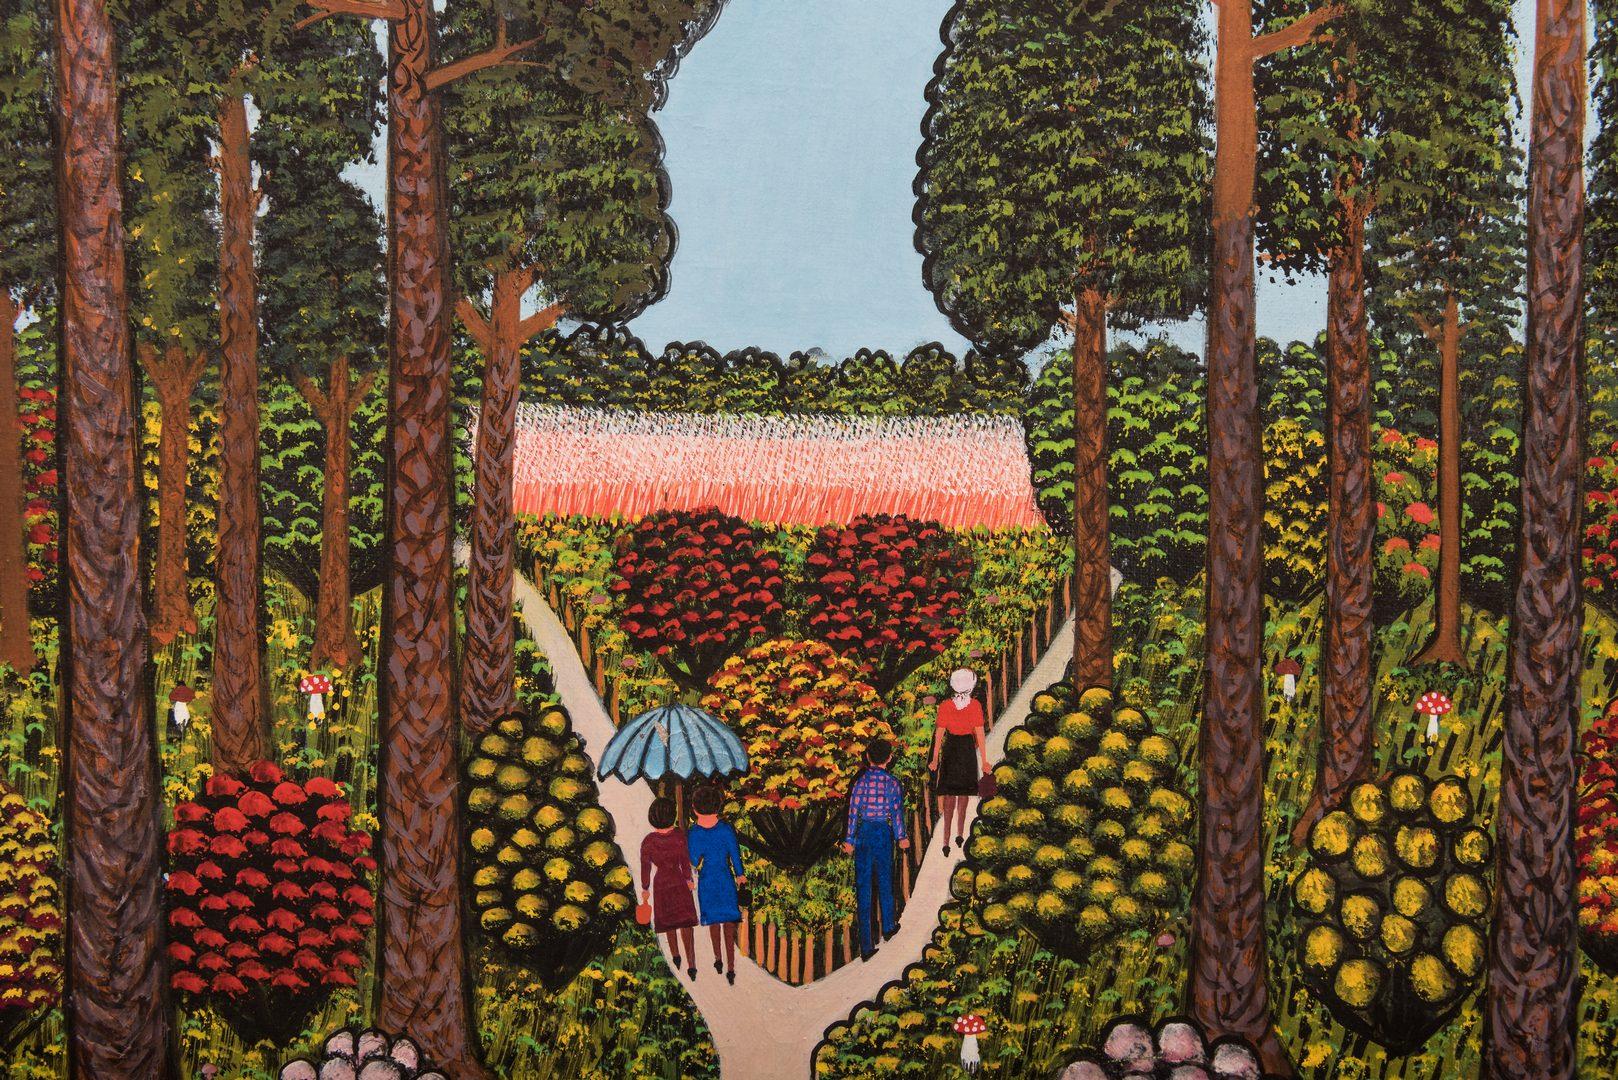 Lot 811: M. Korsak Painting – Park Scene